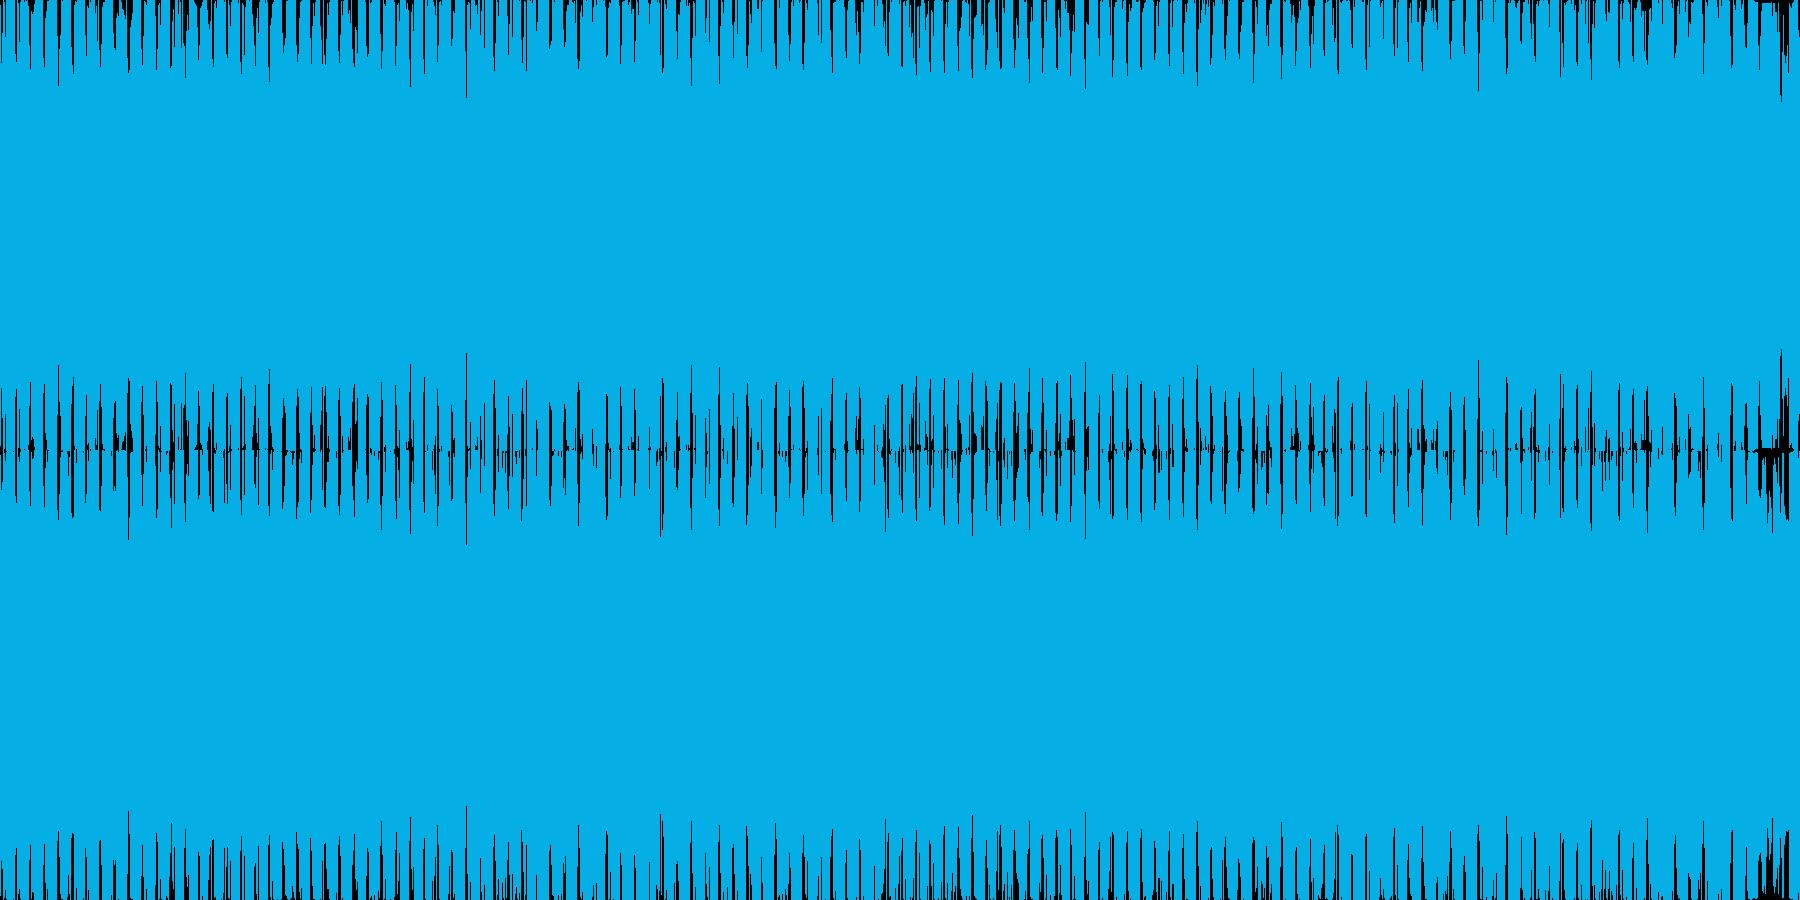 アグレッシブでループするダンス系の再生済みの波形